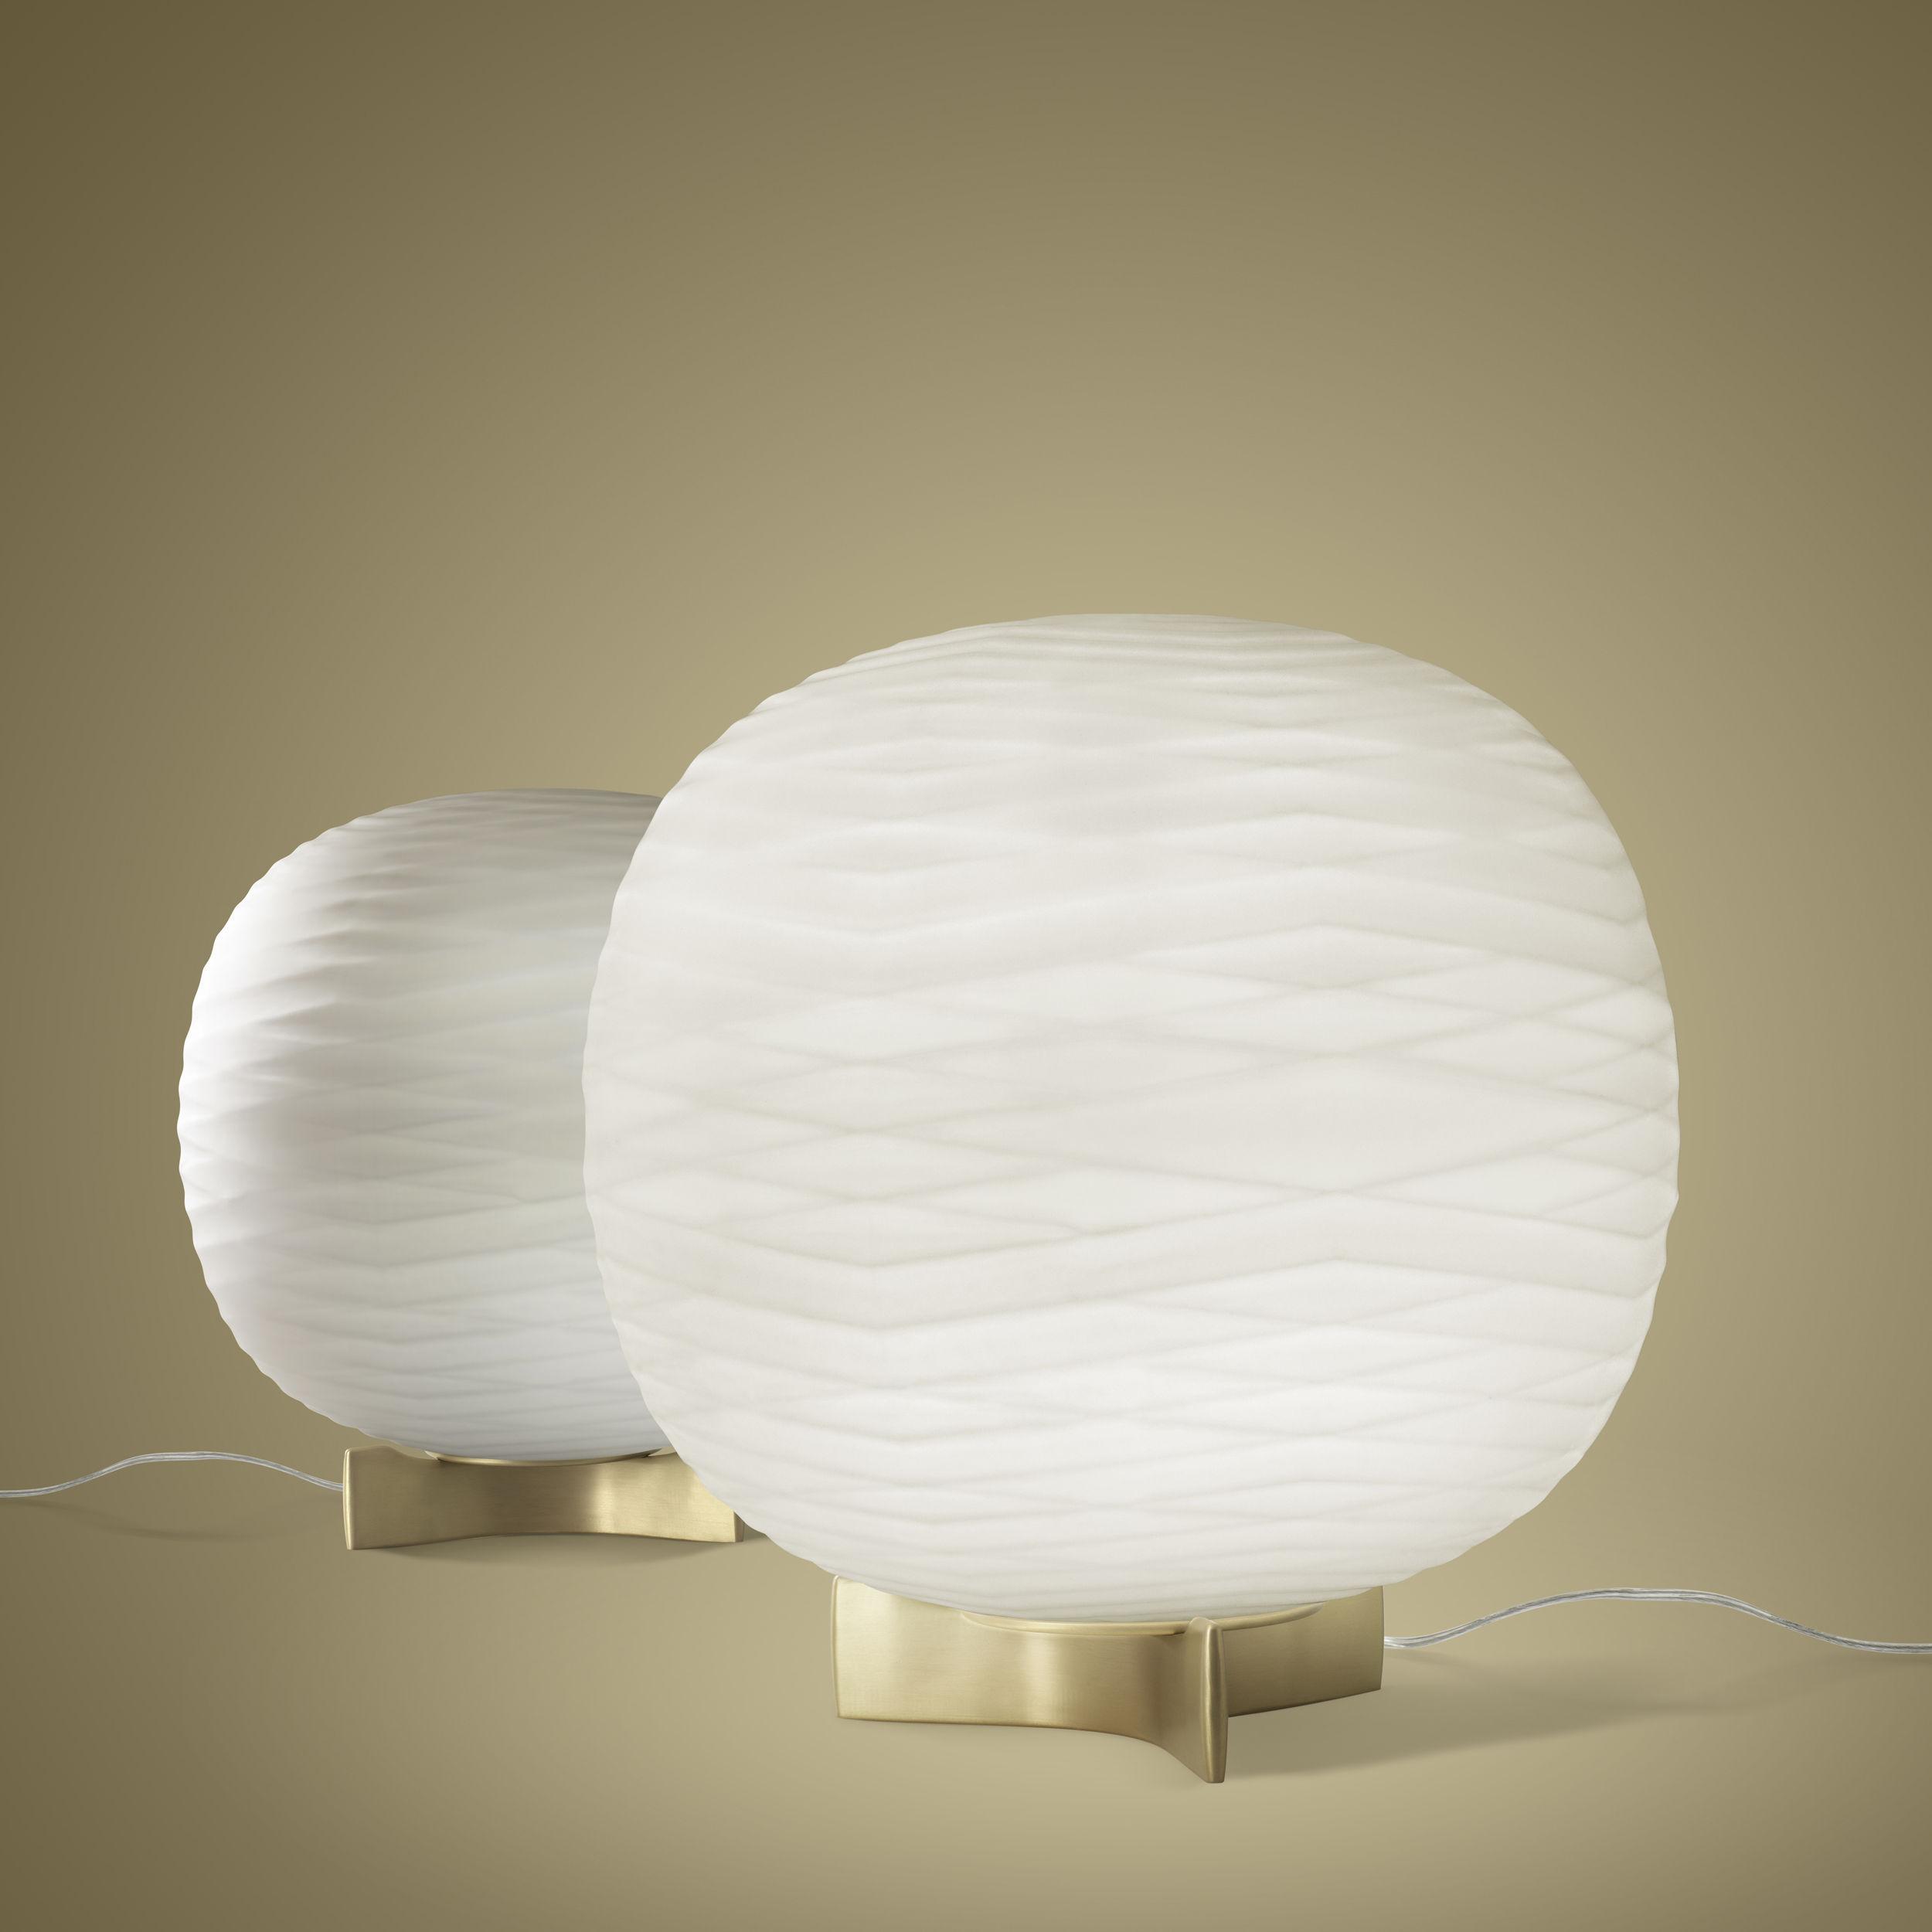 lampe de table gem verre souffl blanc or foscarini. Black Bedroom Furniture Sets. Home Design Ideas